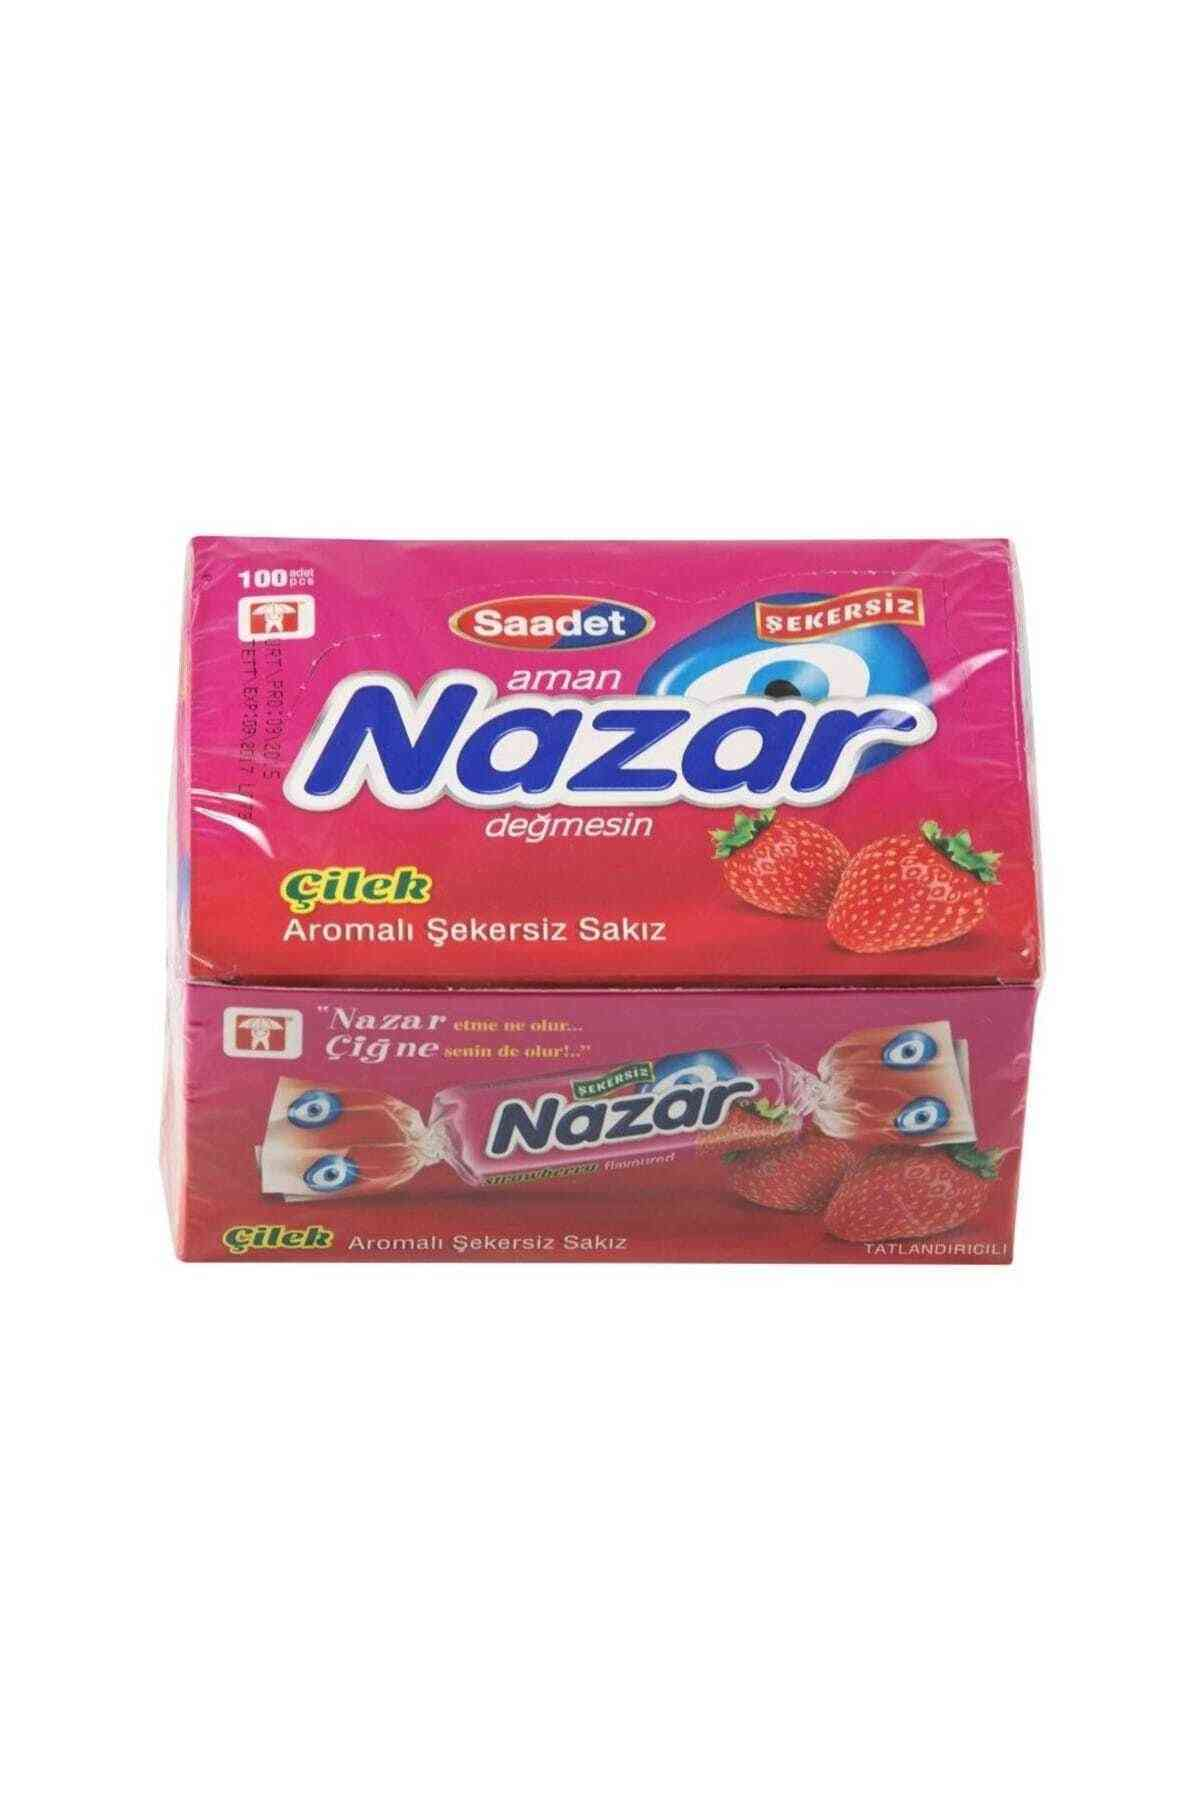 Nazar Strawberry Flavored Chewing Gum